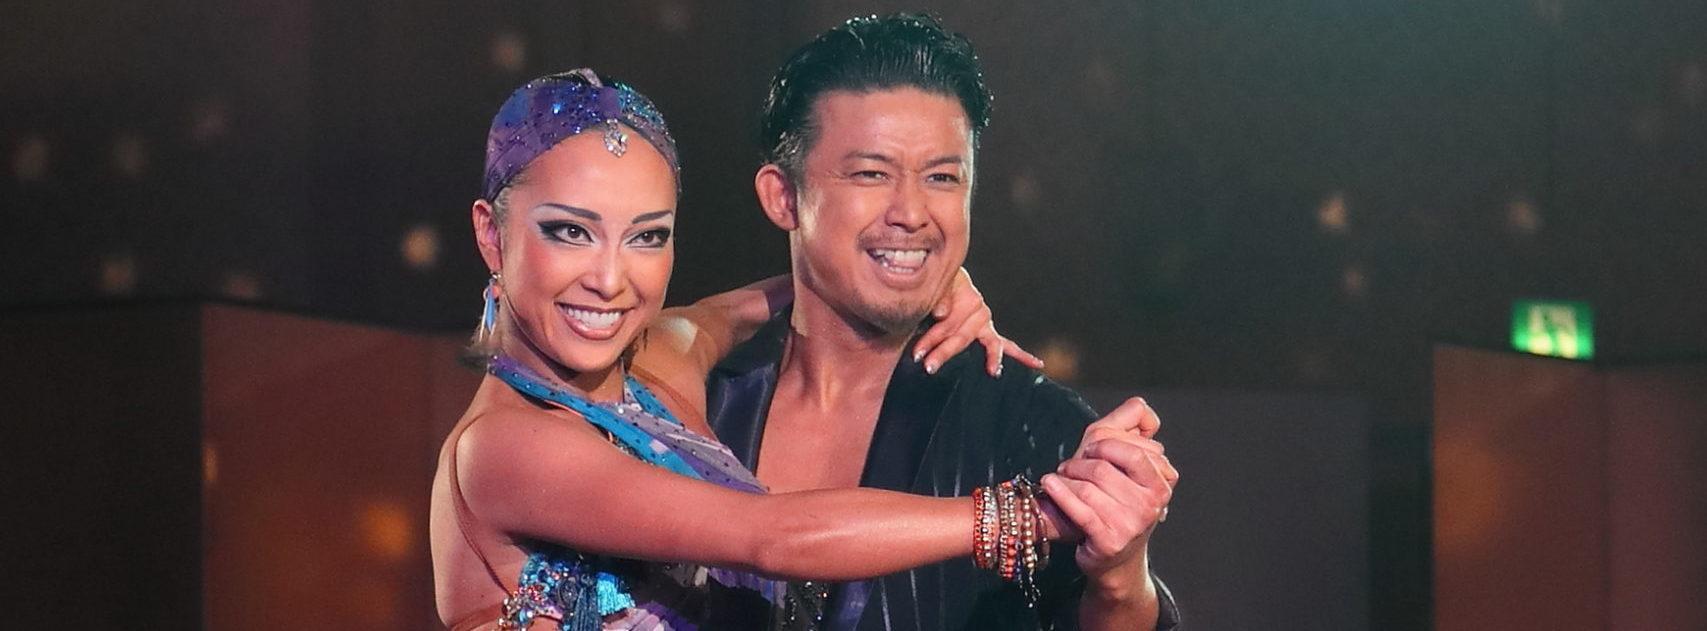 タグ: 社交ダンス練習、社交ダンスラテン